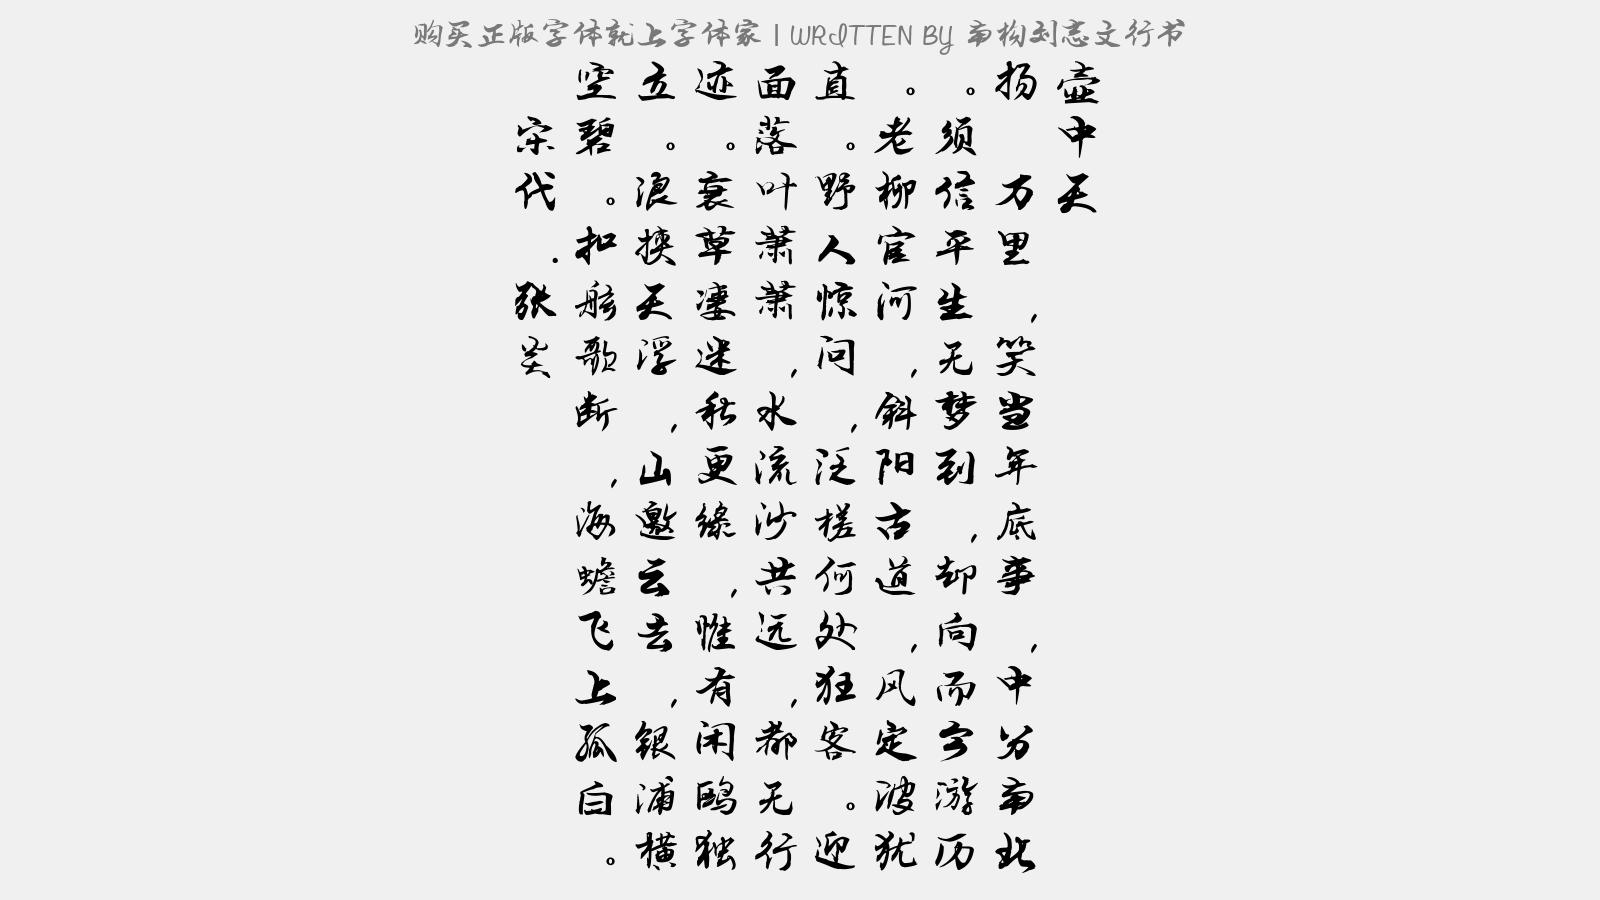 南構劉志文行書 - 壺中天(夜渡古黃河,與沈堯道、曾子敬同賦)